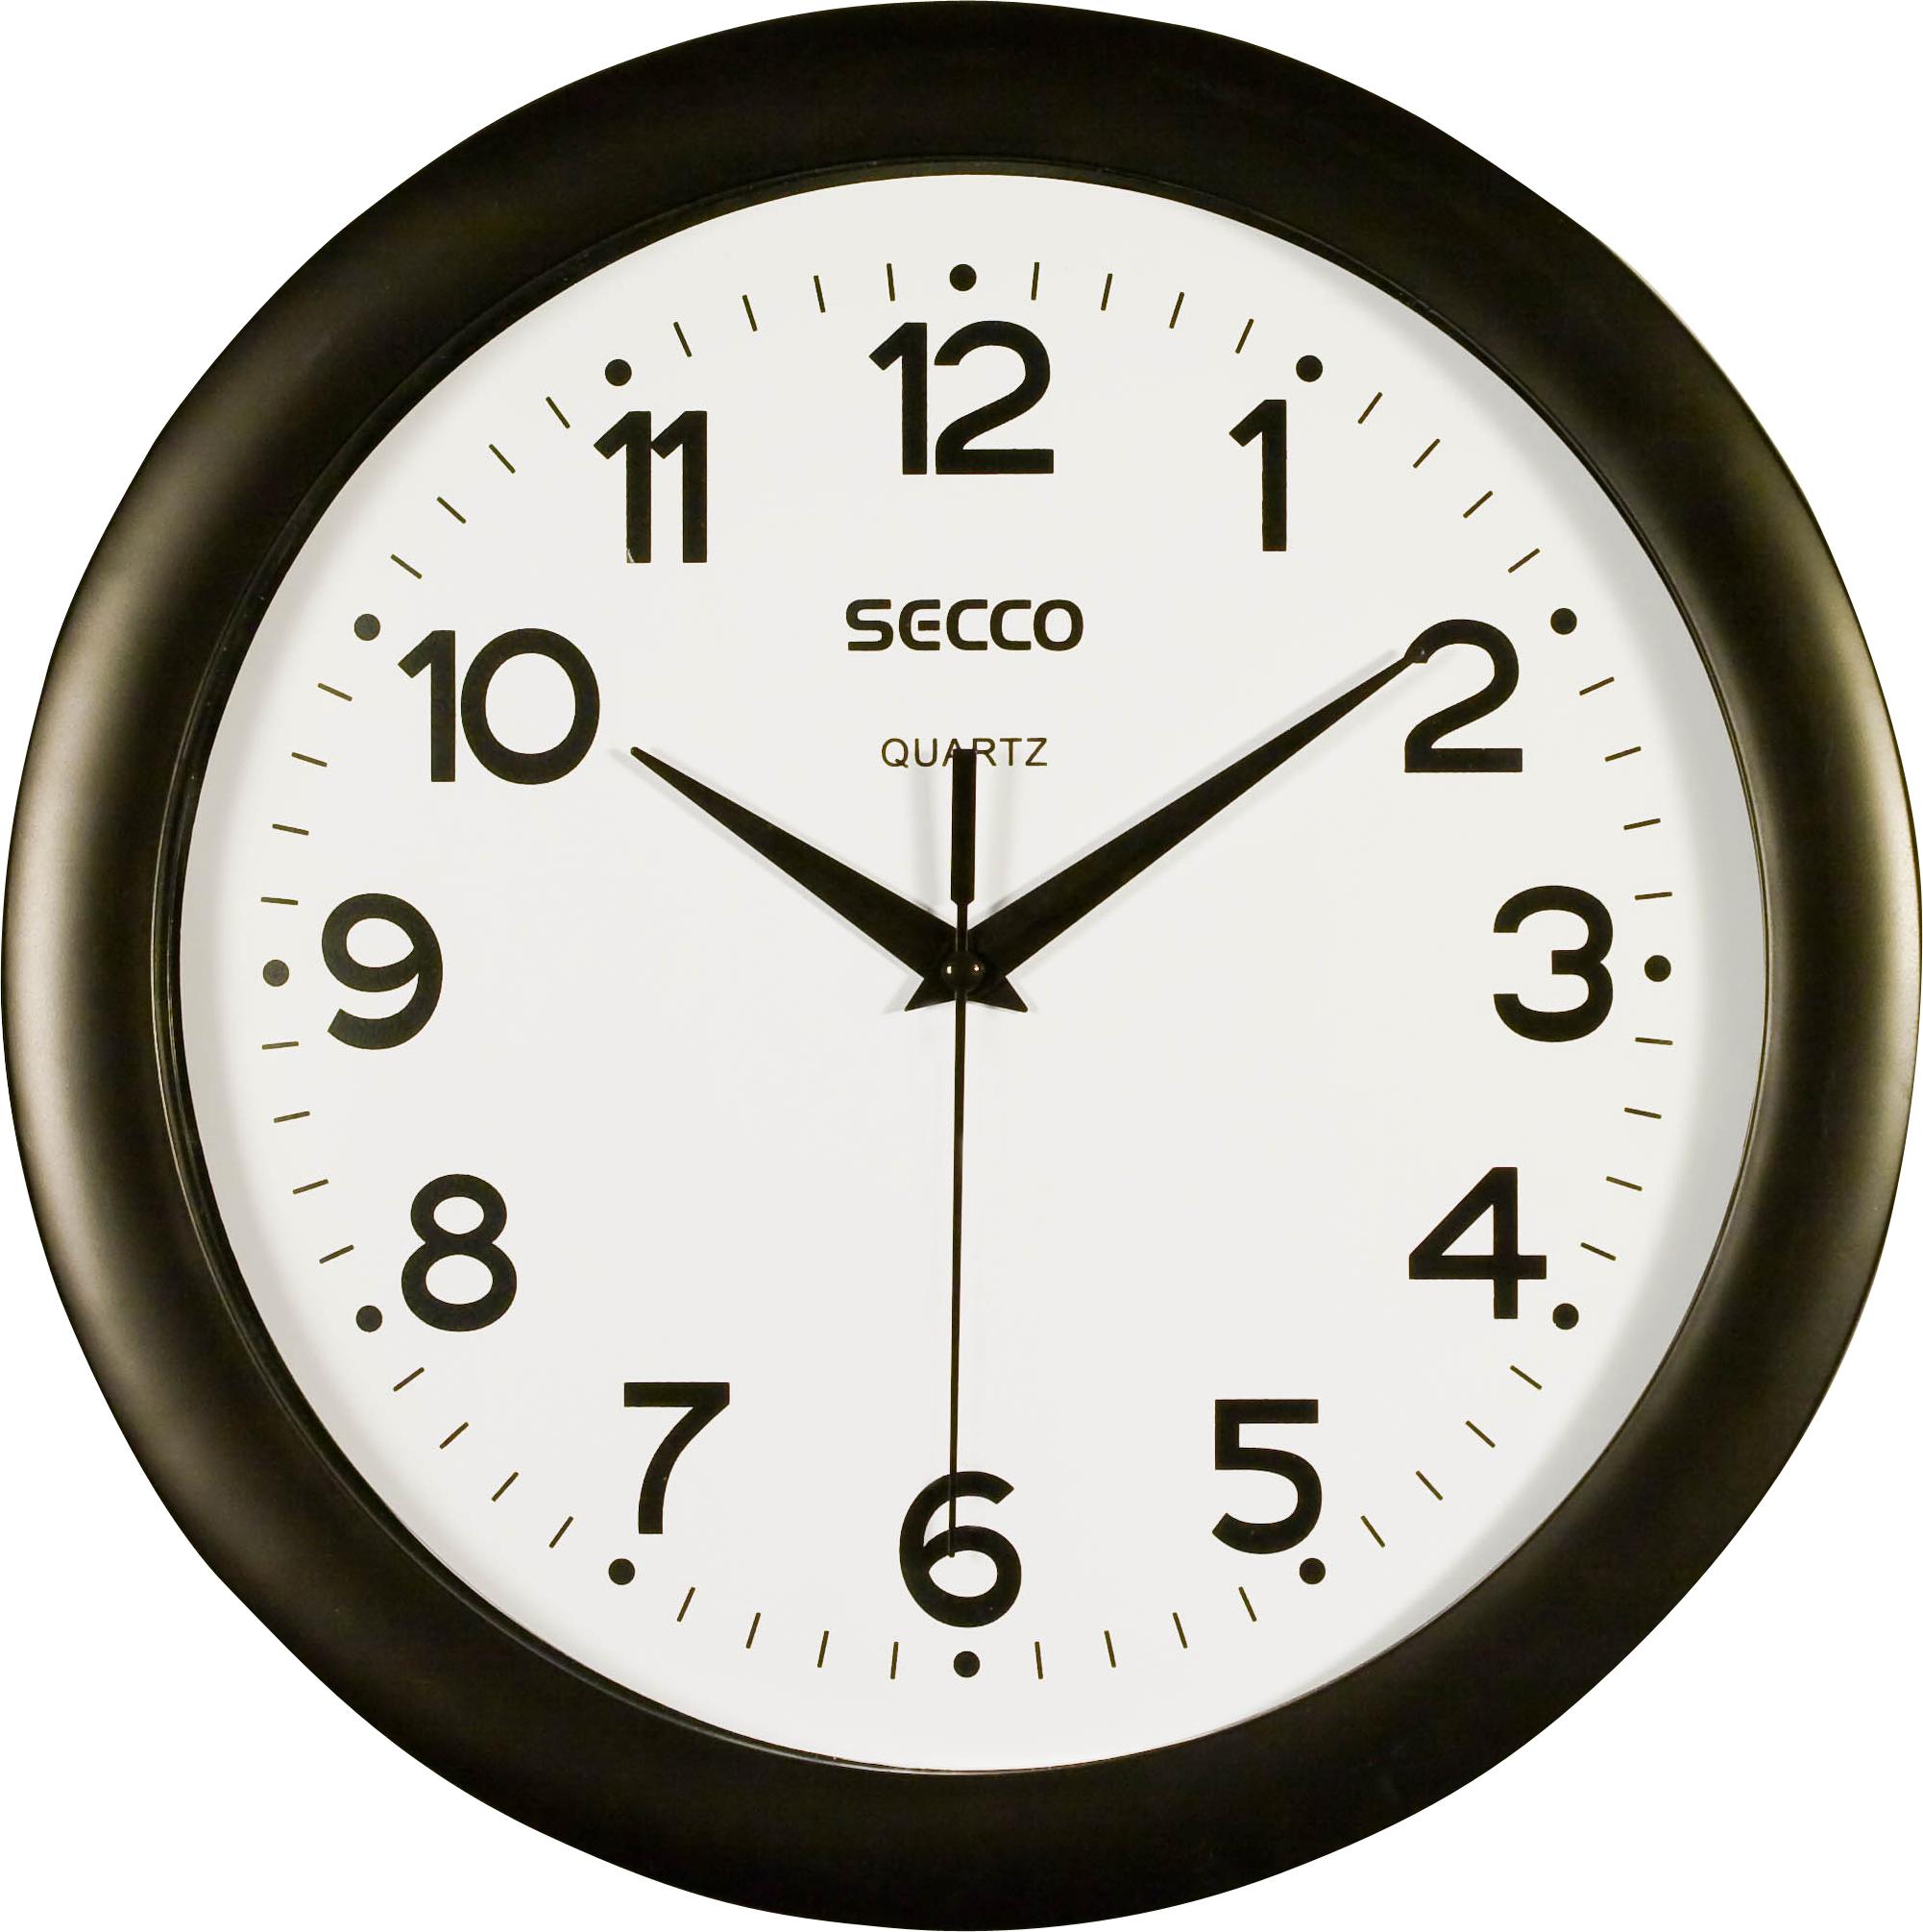 Secco Černé nástěnné hodiny, Průměr 28 cm